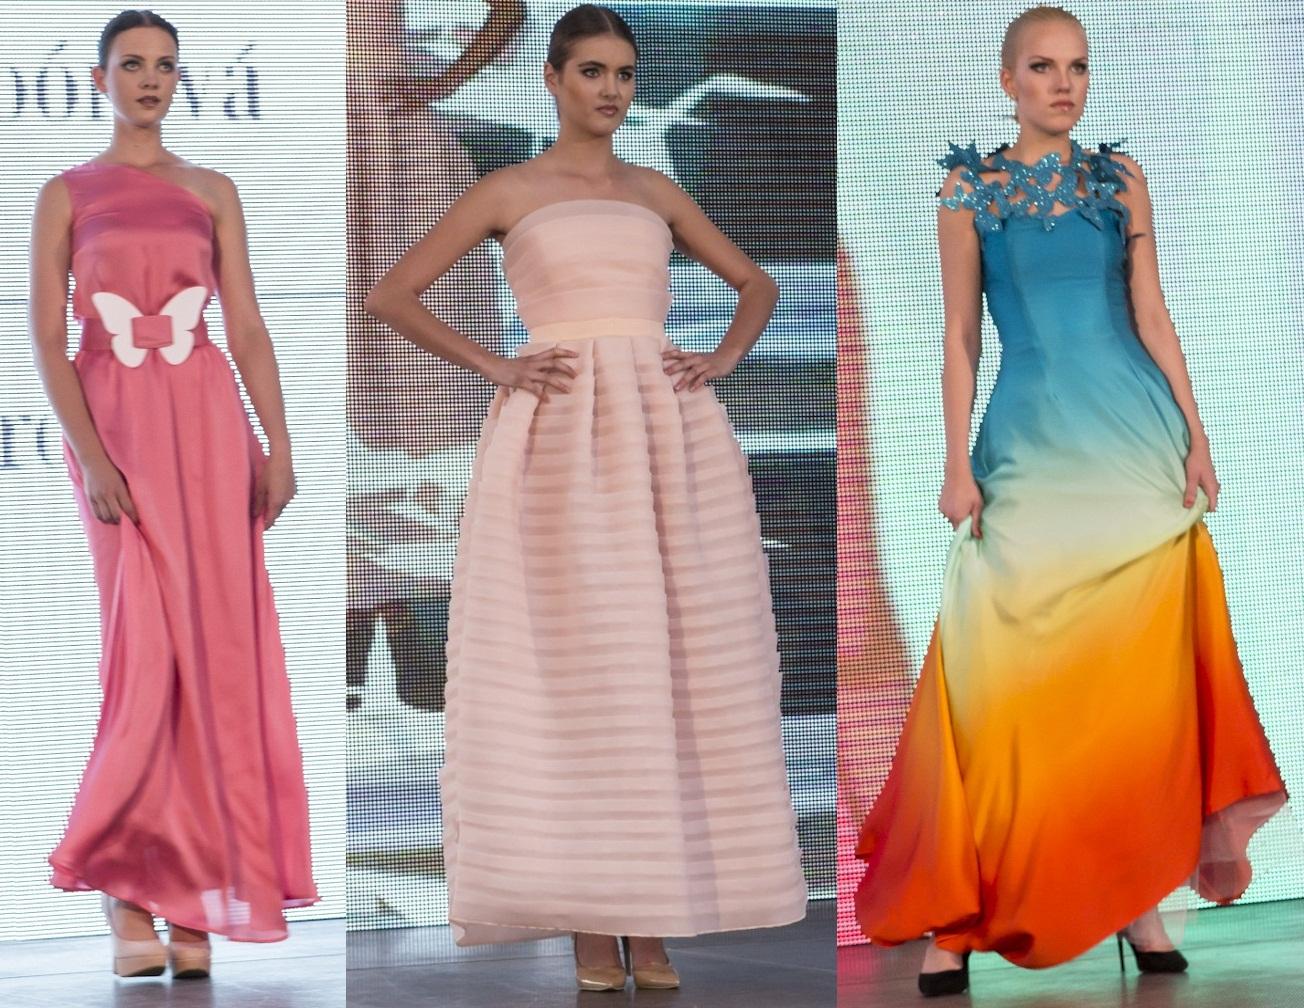 Mesto módy ožilo vďaka ÓDY MÓDY 2015 - módnej prehliadke TOP absolventov odevného dizajnu 47